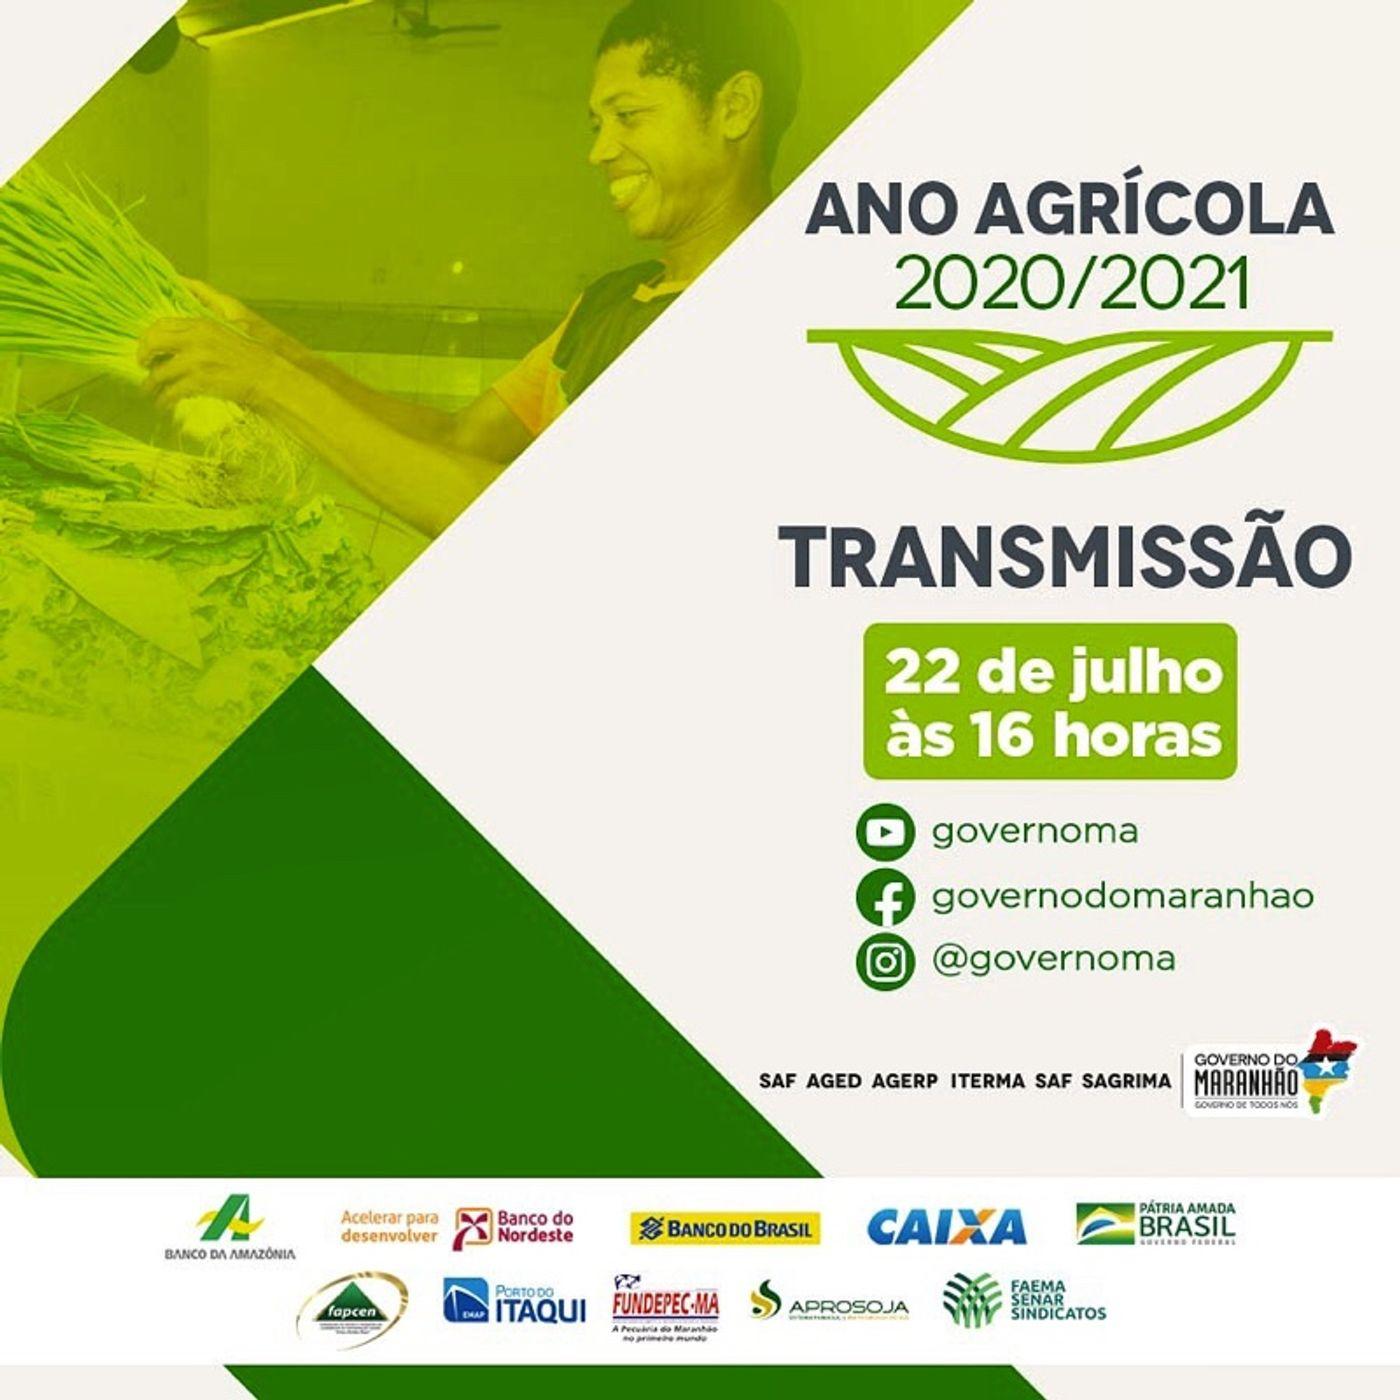 Episódio 2 - Governo-do-Maranhão-realiza-abertura-do-ano-agrícola-2020-2021